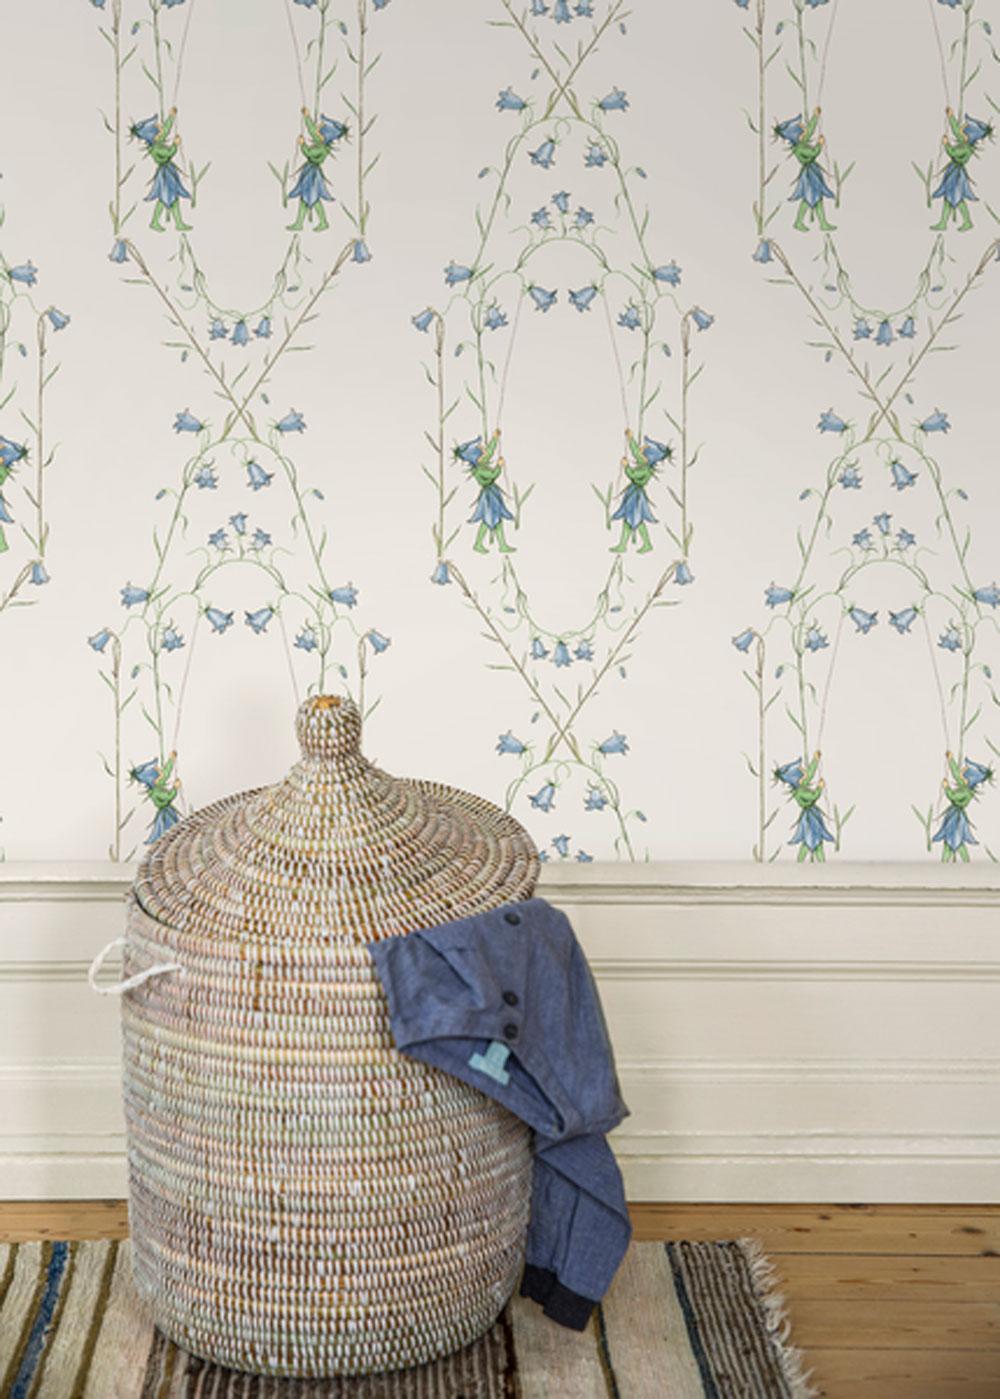 Boråstapeter Blåklocka Harebell Wallpaper - Product code: 6233